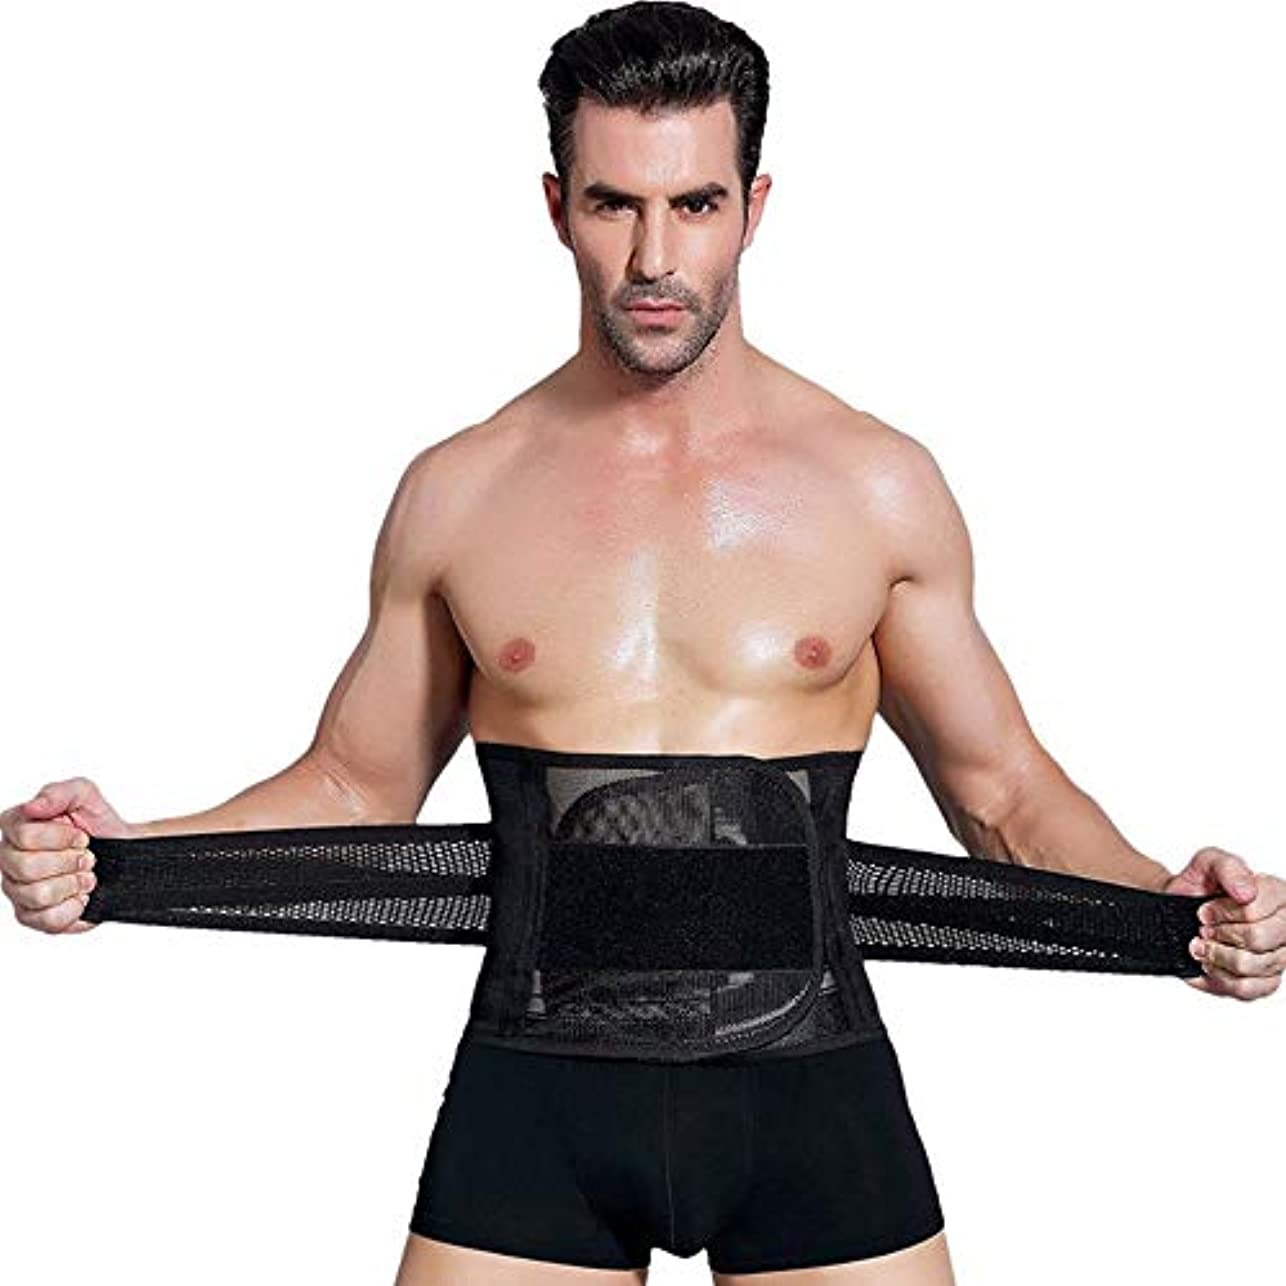 ブース管理する魅力男性ボディシェイパーコルセット腹部おなかコントロールウエストトレーナーニッパー脂肪燃焼ガードル痩身腹ベルト用男性 - ブラックXXL